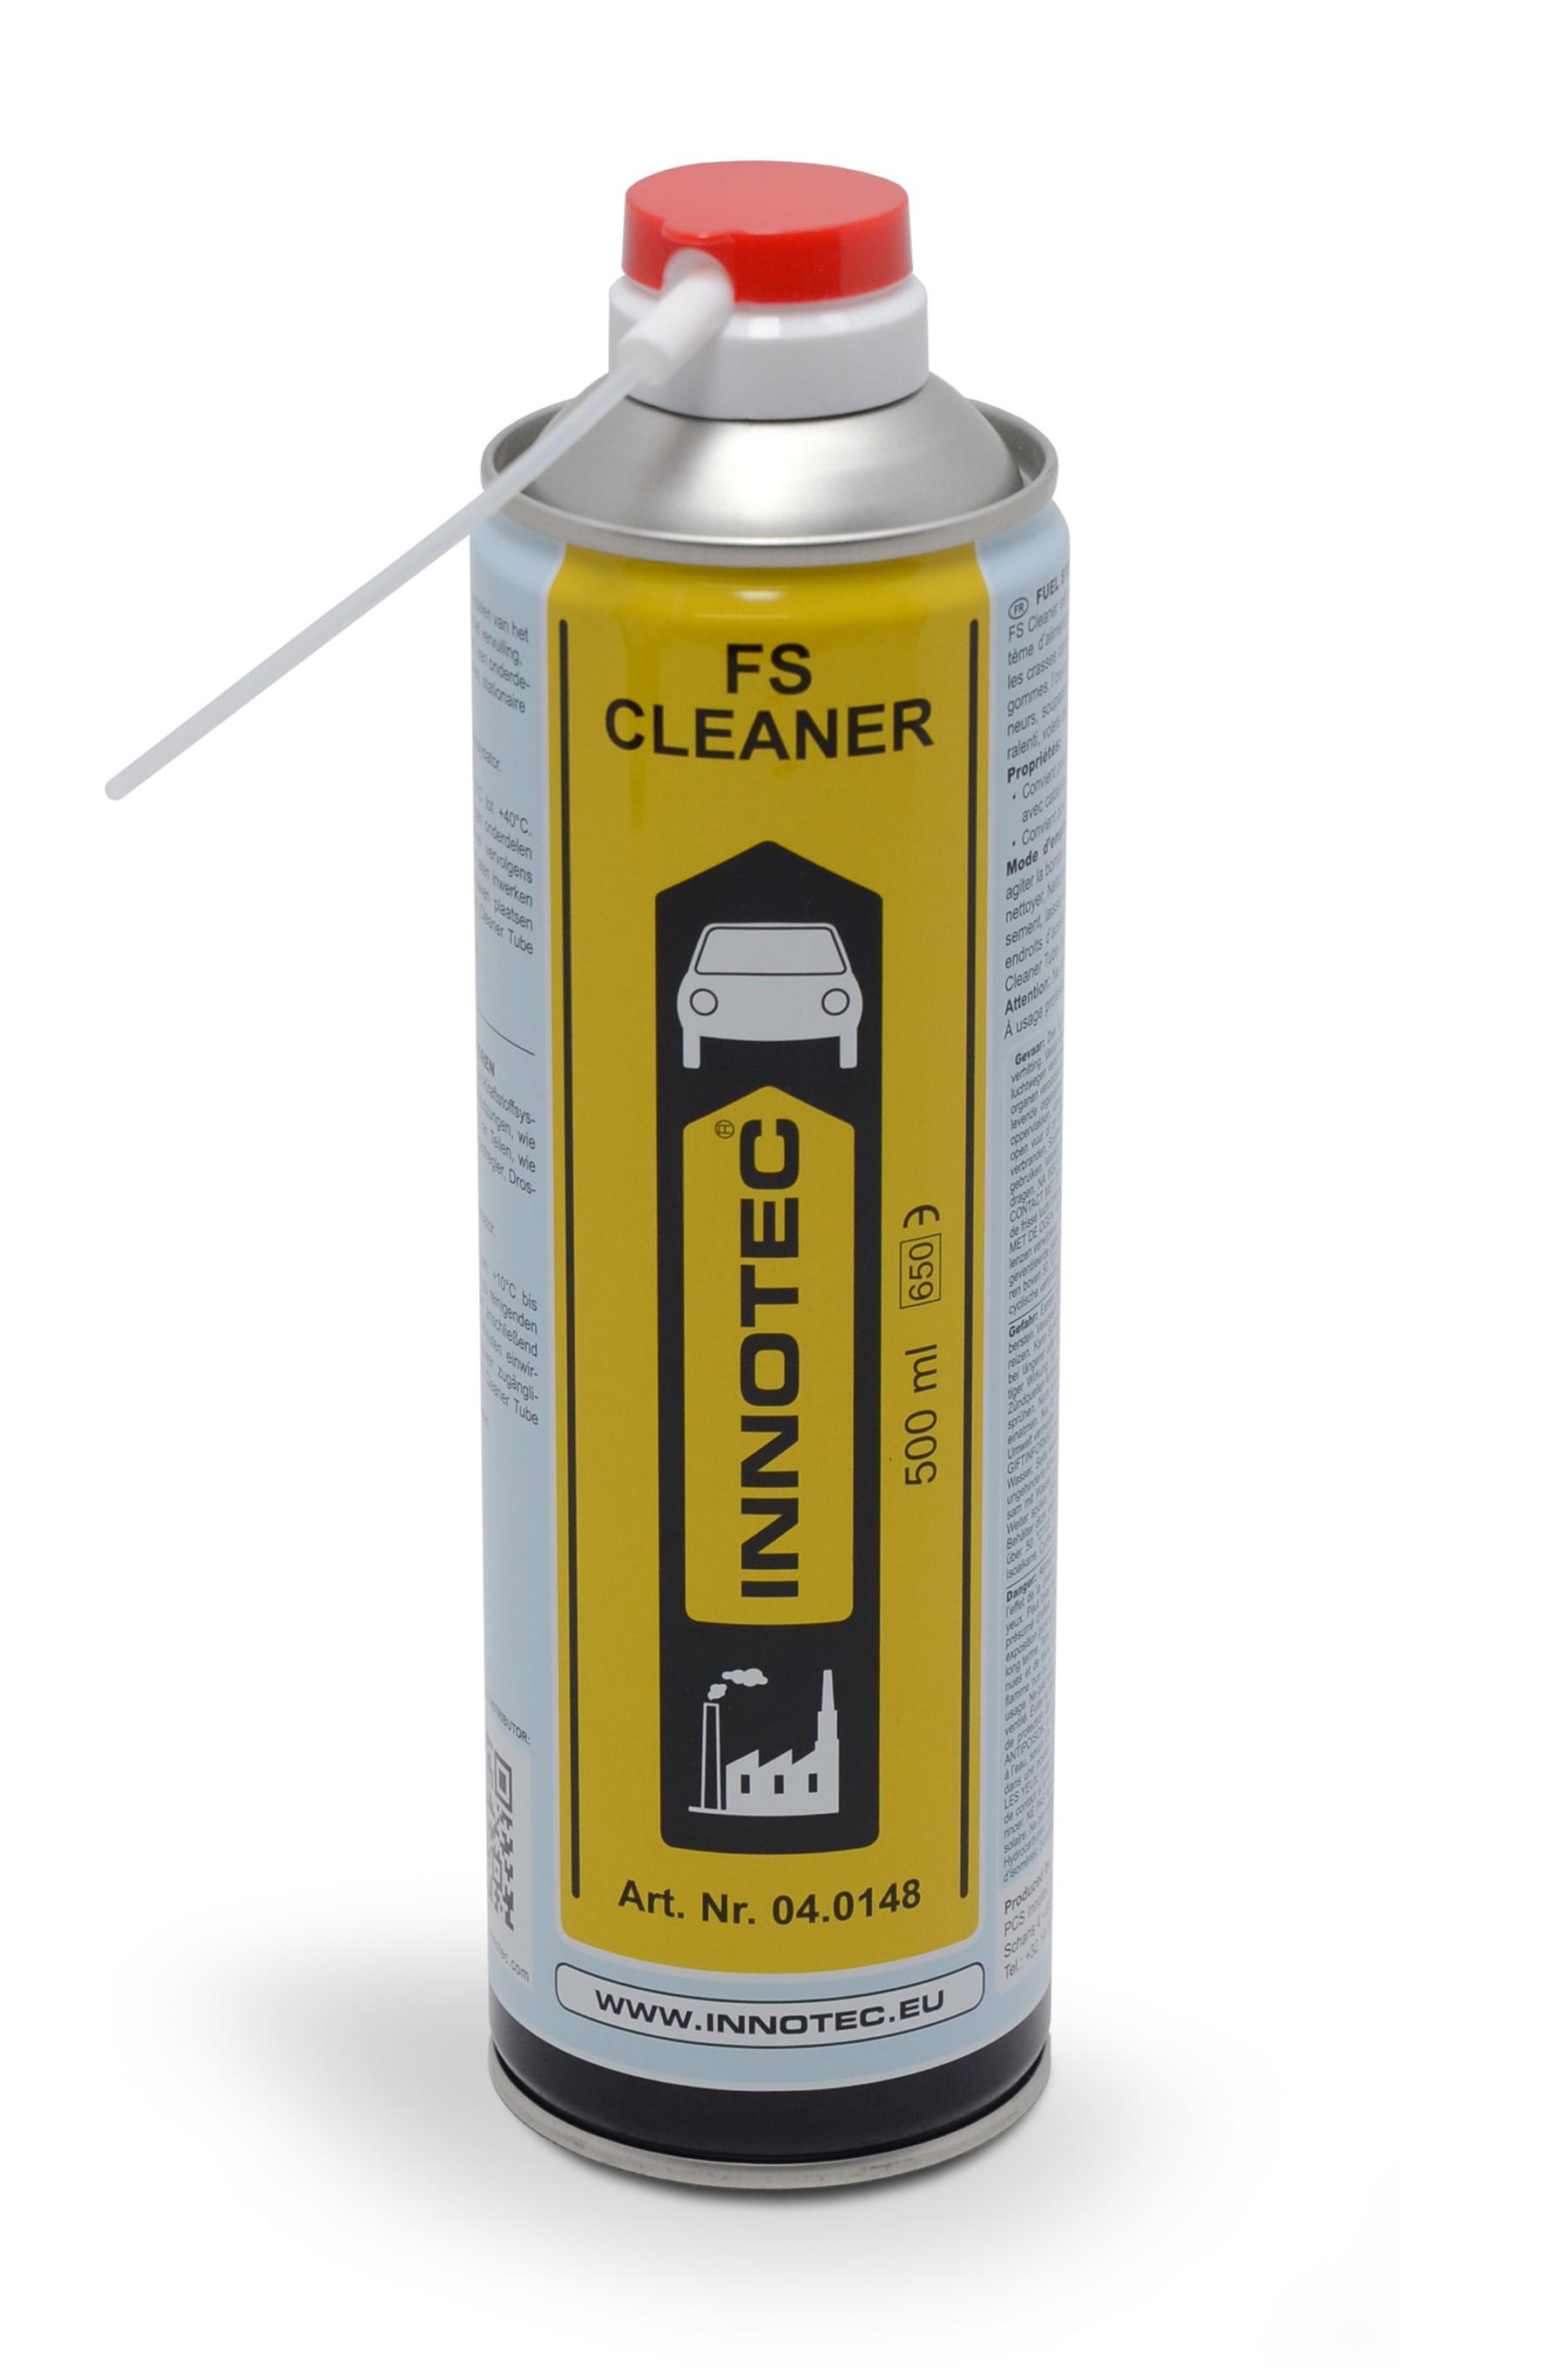 1316_FS Cleaner.jpg